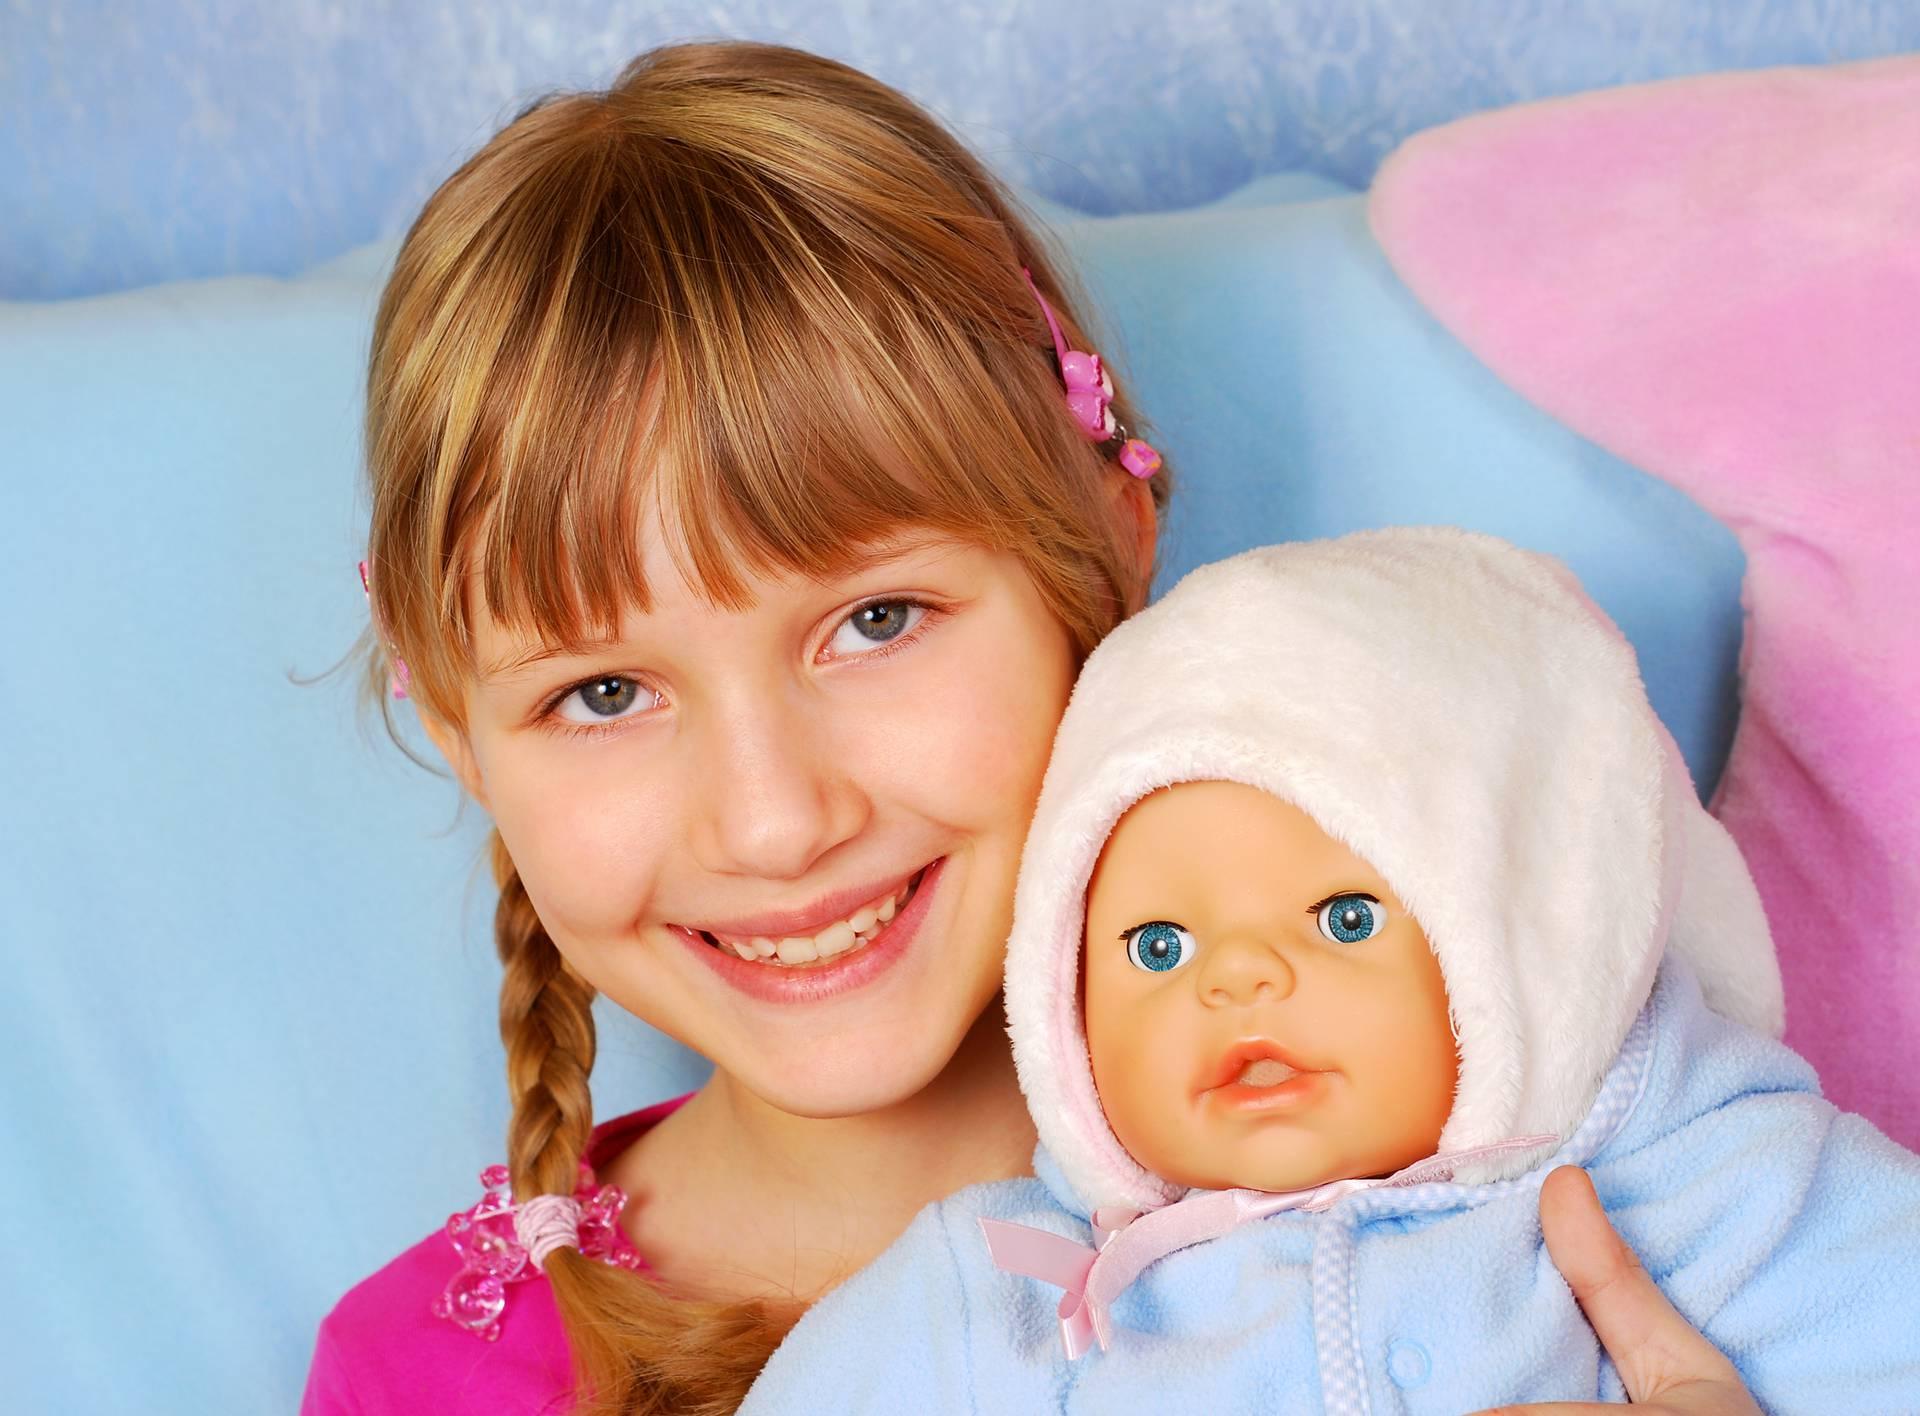 Djeca koja drže lutke u lijevoj ruci su pametnija i društvenija